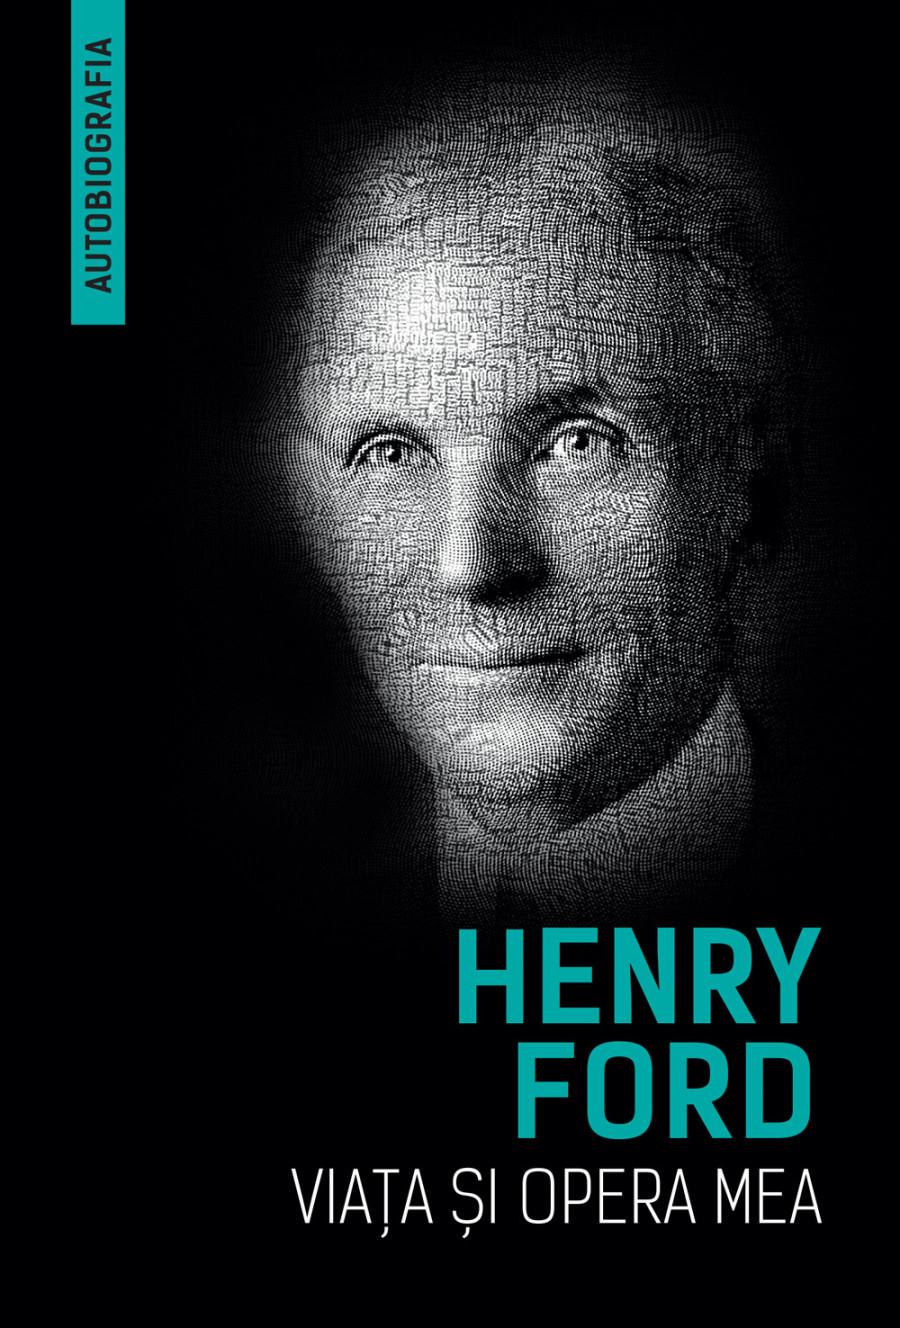 Henry Ford: Viața și opera mea